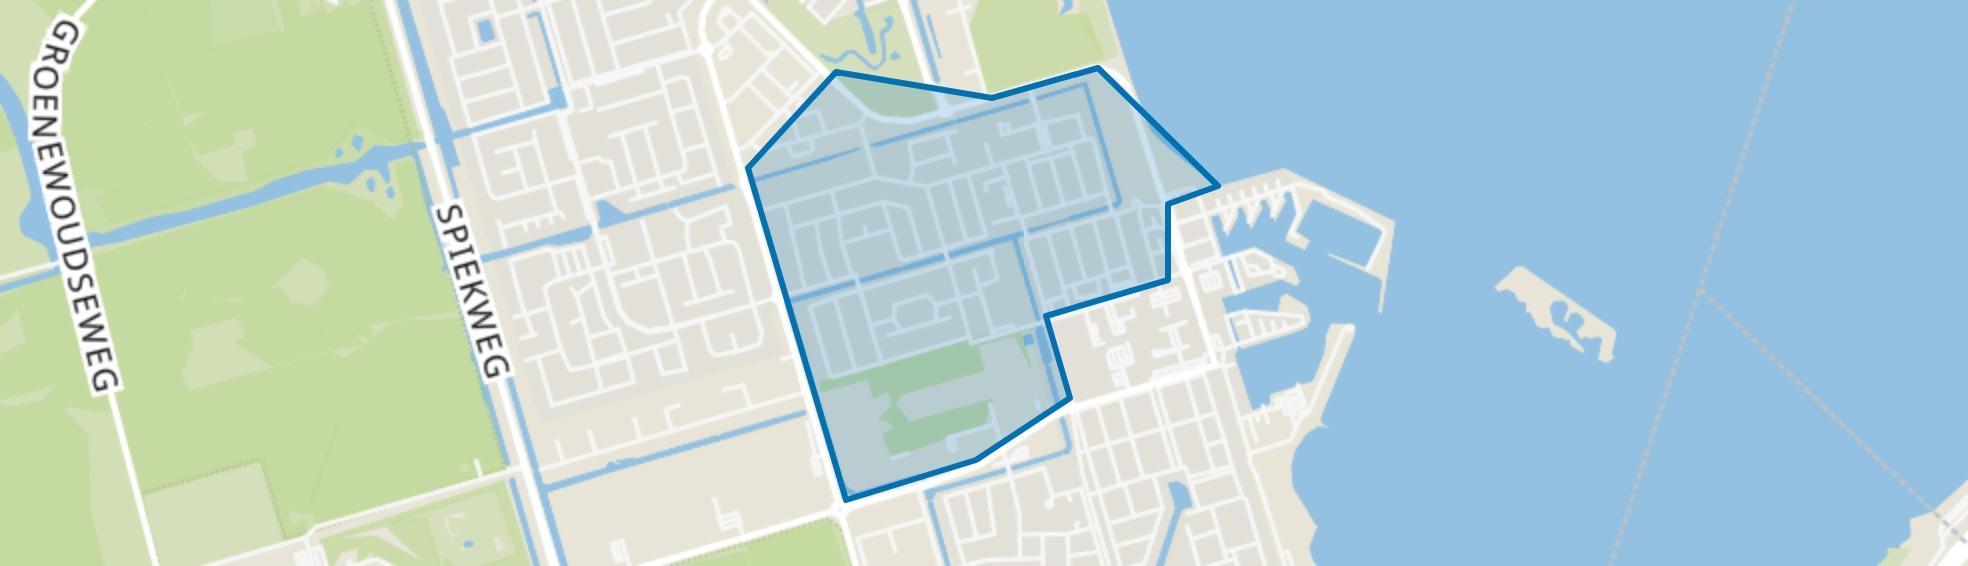 Eerste woonwijk, Zeewolde map